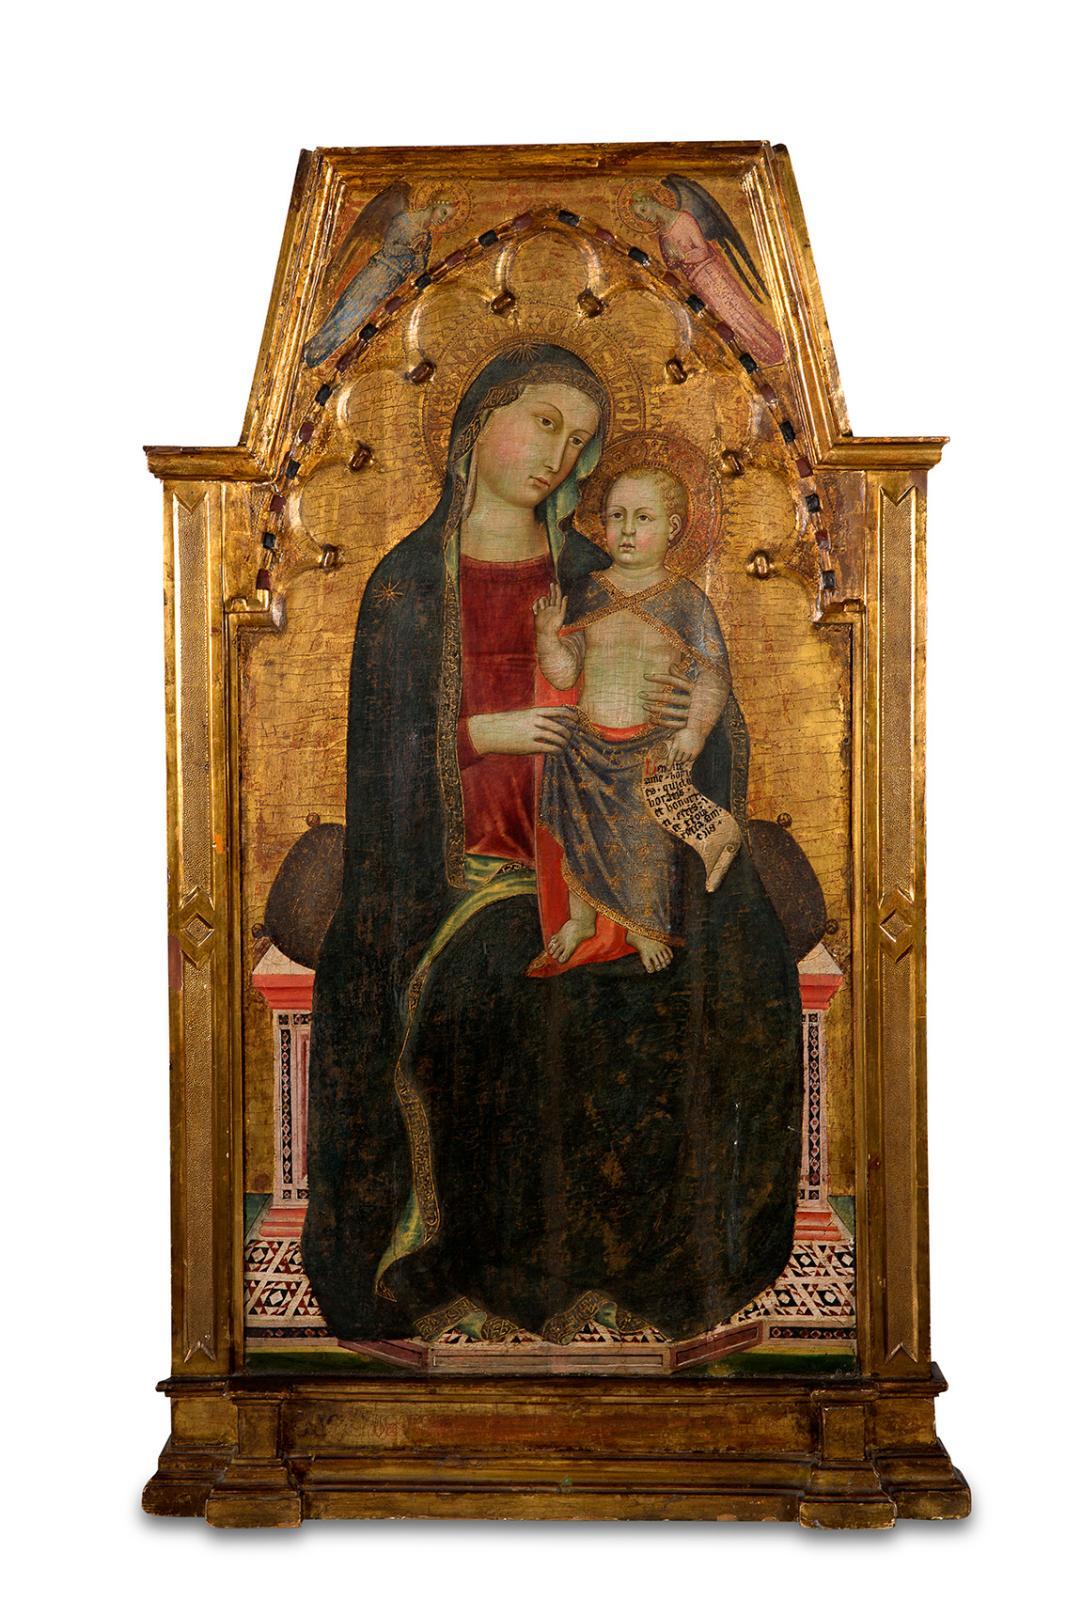 Cecco di Pietro (1330-1402), Vierge à l'Enfant, Pise, vers 1365, tempera et feuille d'or sur bois de peuplier, 110,8x63,2cm (surface to